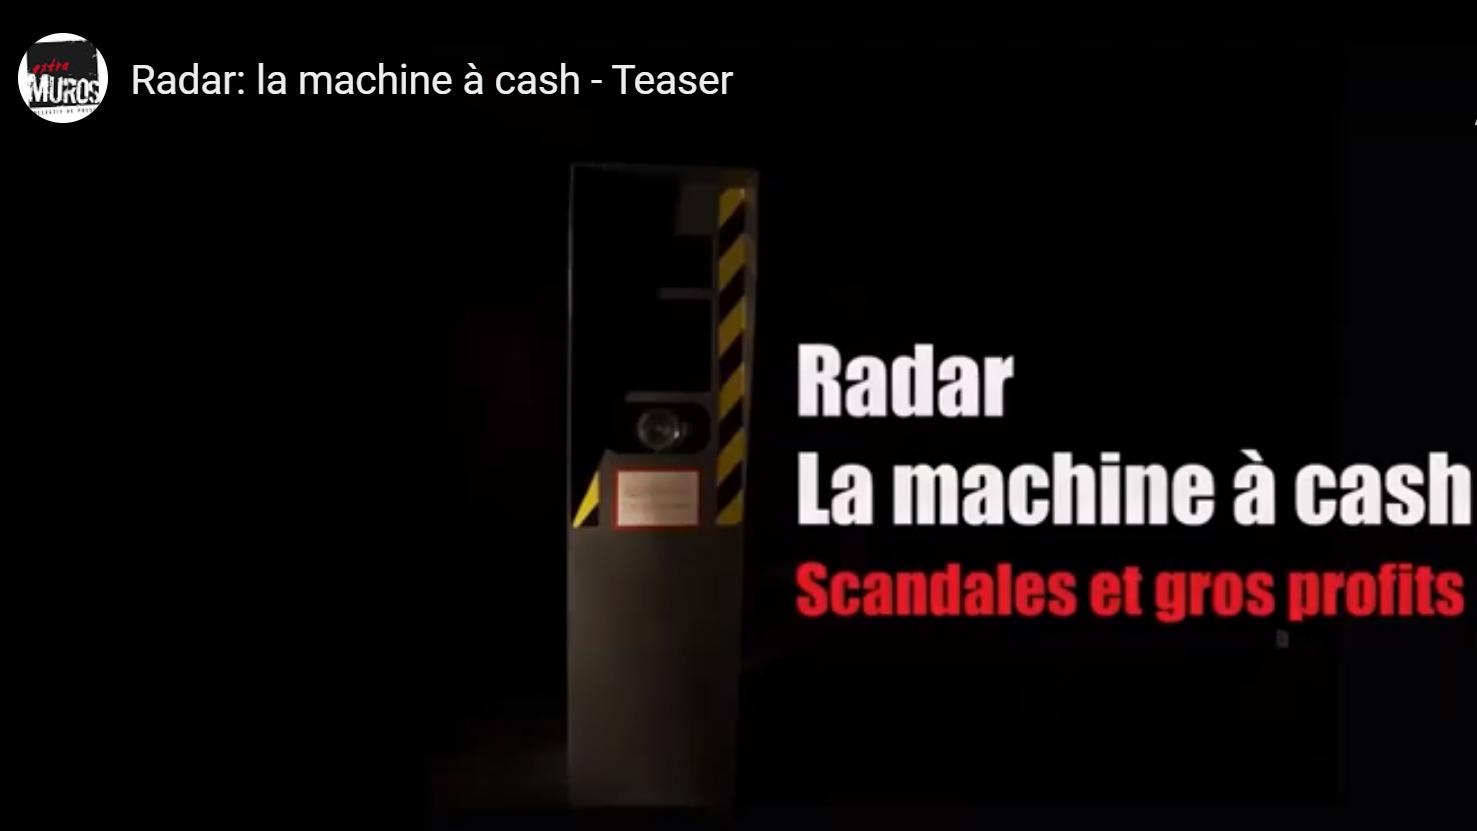 Une enquête dévoile les Profits des radars